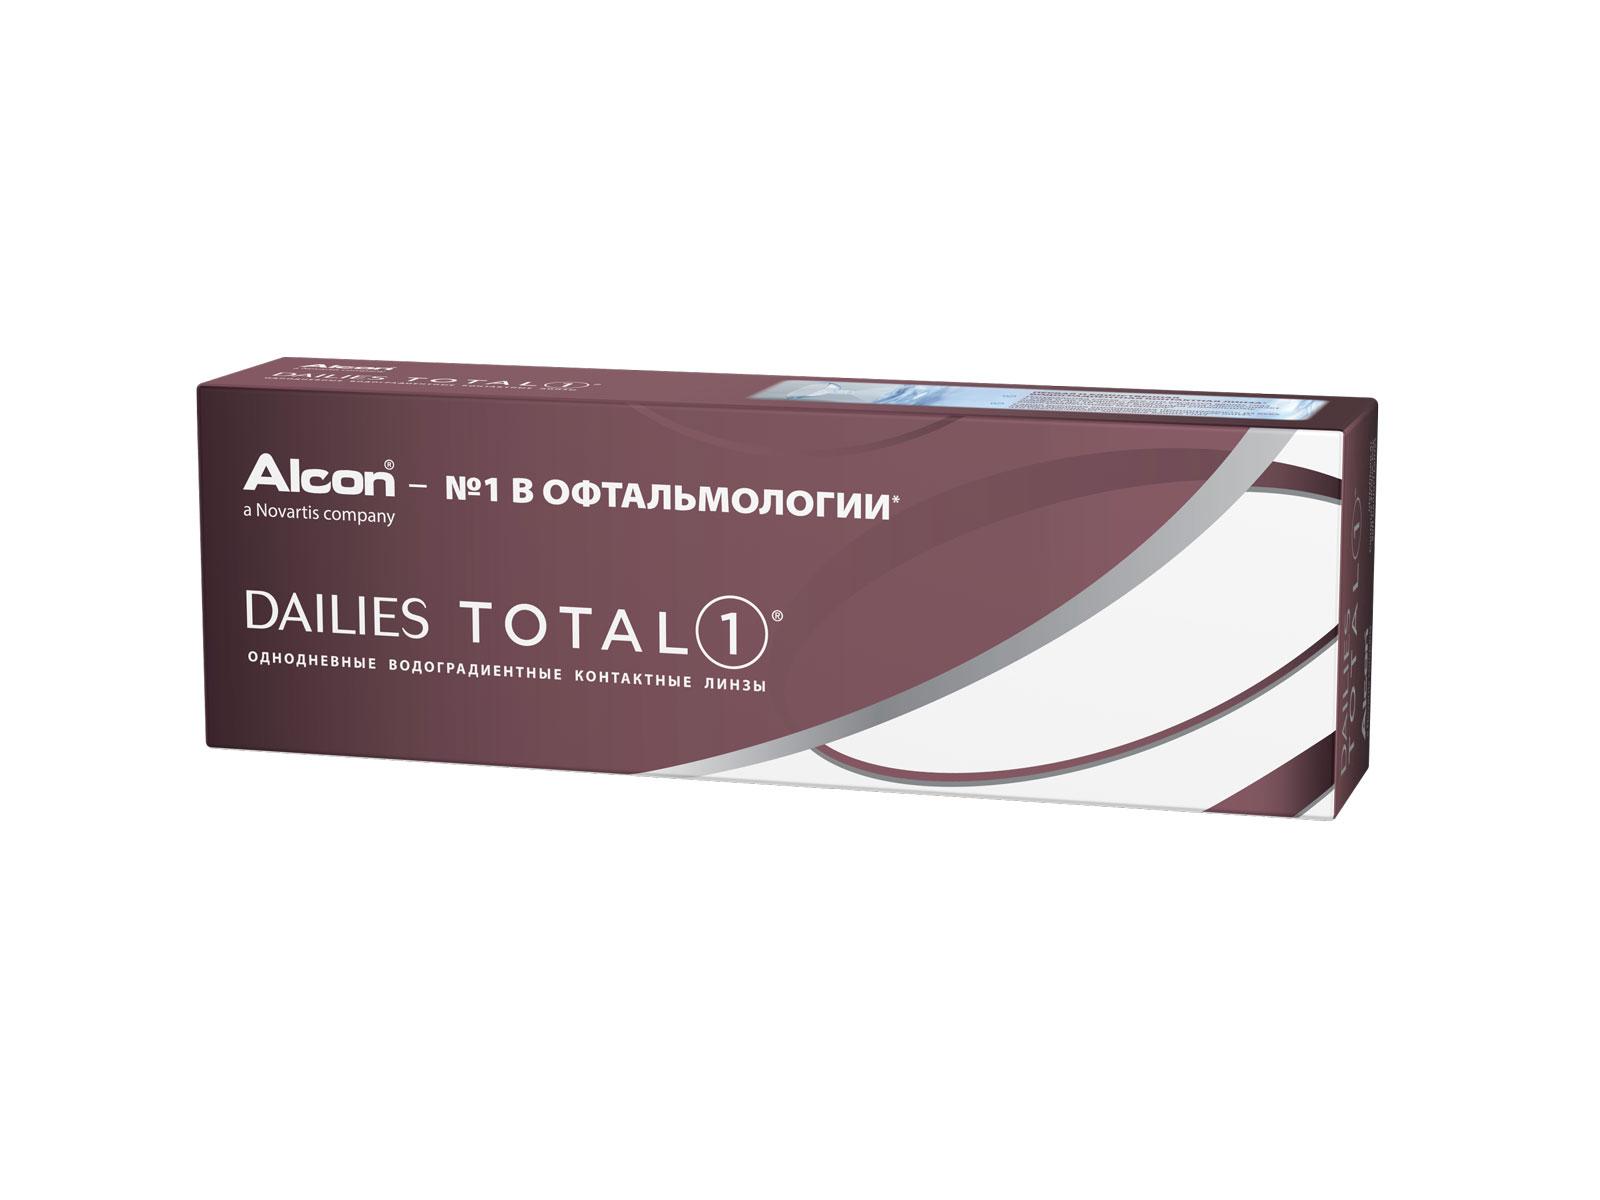 Alcon контактные линзы Dailies Total 1 30pk /+2.50 / 8.5 / 14.1100050477Dailies Total 1 – линзы, которые не чувствуешь с утра и до поздного вечера. Эти однодневные контактные линзы выполнены из уникального водоградиентного материала, багодаря которому натуральная слеза – это все, что касается ваших глаз. Почти 100% влаги на поверхности обеспечивают непревзойденный комфорт до 16 часов ношения.